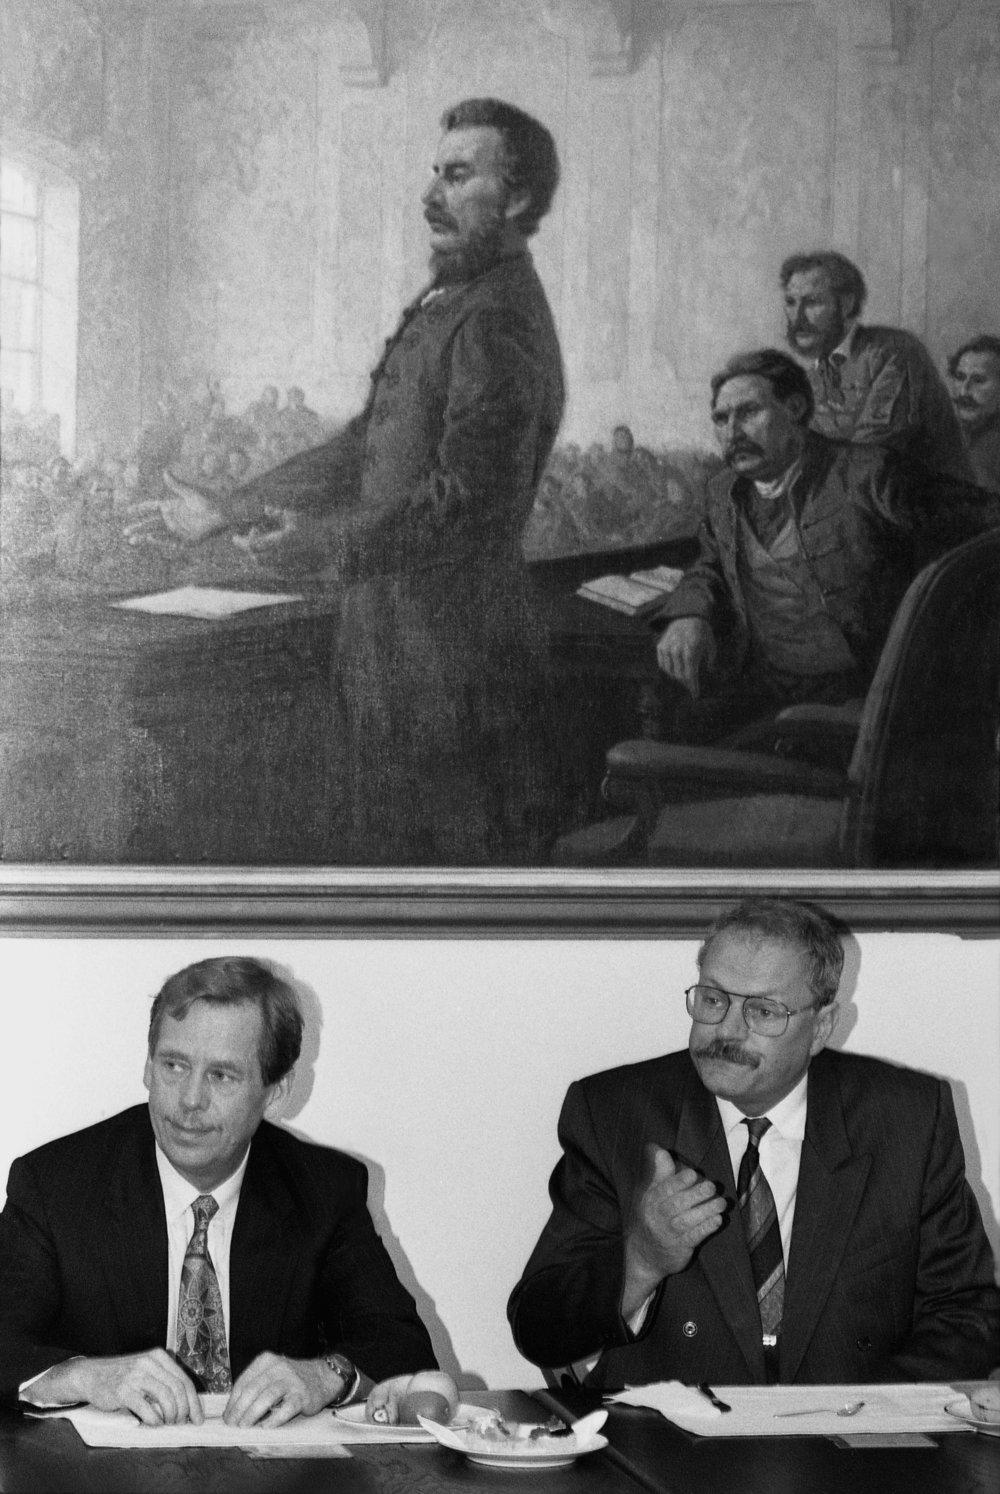 S Ivanom Gašparovičom v júni 1992 v Bratislave, keď už bolo jasné, že Česko a Slovensko sa rozdelia. Tri mesiace predtým Havel Gašparoviča odvolal pre nečinnosť z postu generálneho prokurátora, Gašparovič sa potom cez HZDS stal šéfom Slovenskej národnej rady. Foto - TASR